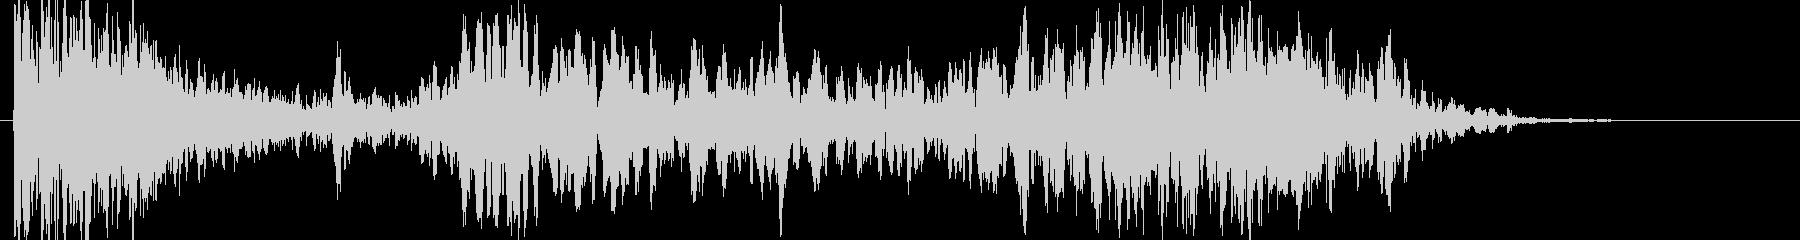 衝撃 噴火13の未再生の波形